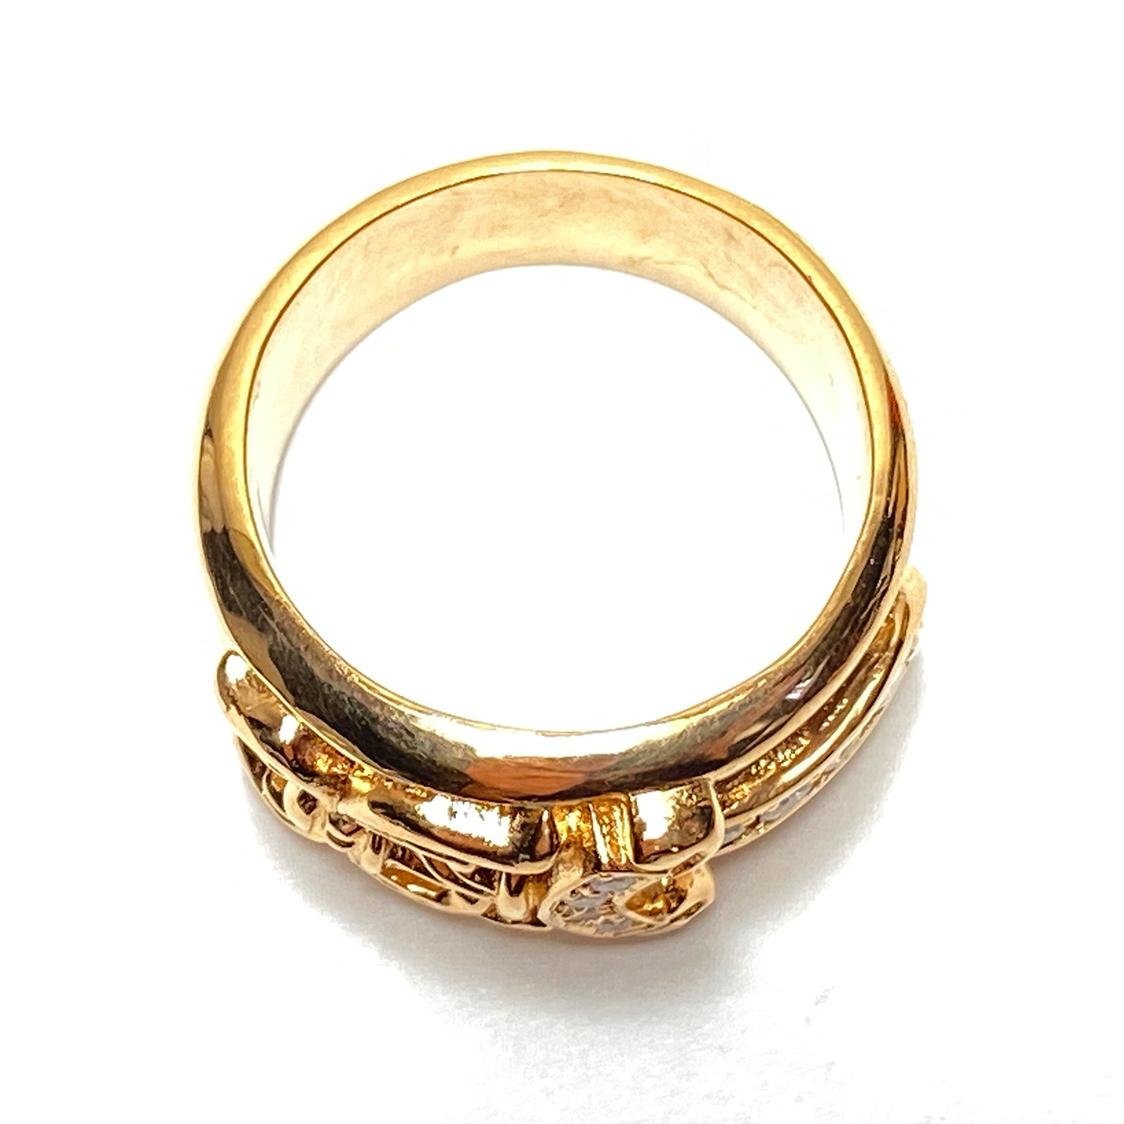 希少 クロムハーツ CHROME HEARTS 【19号】 22K ダガーリング パヴェダイヤ 指輪